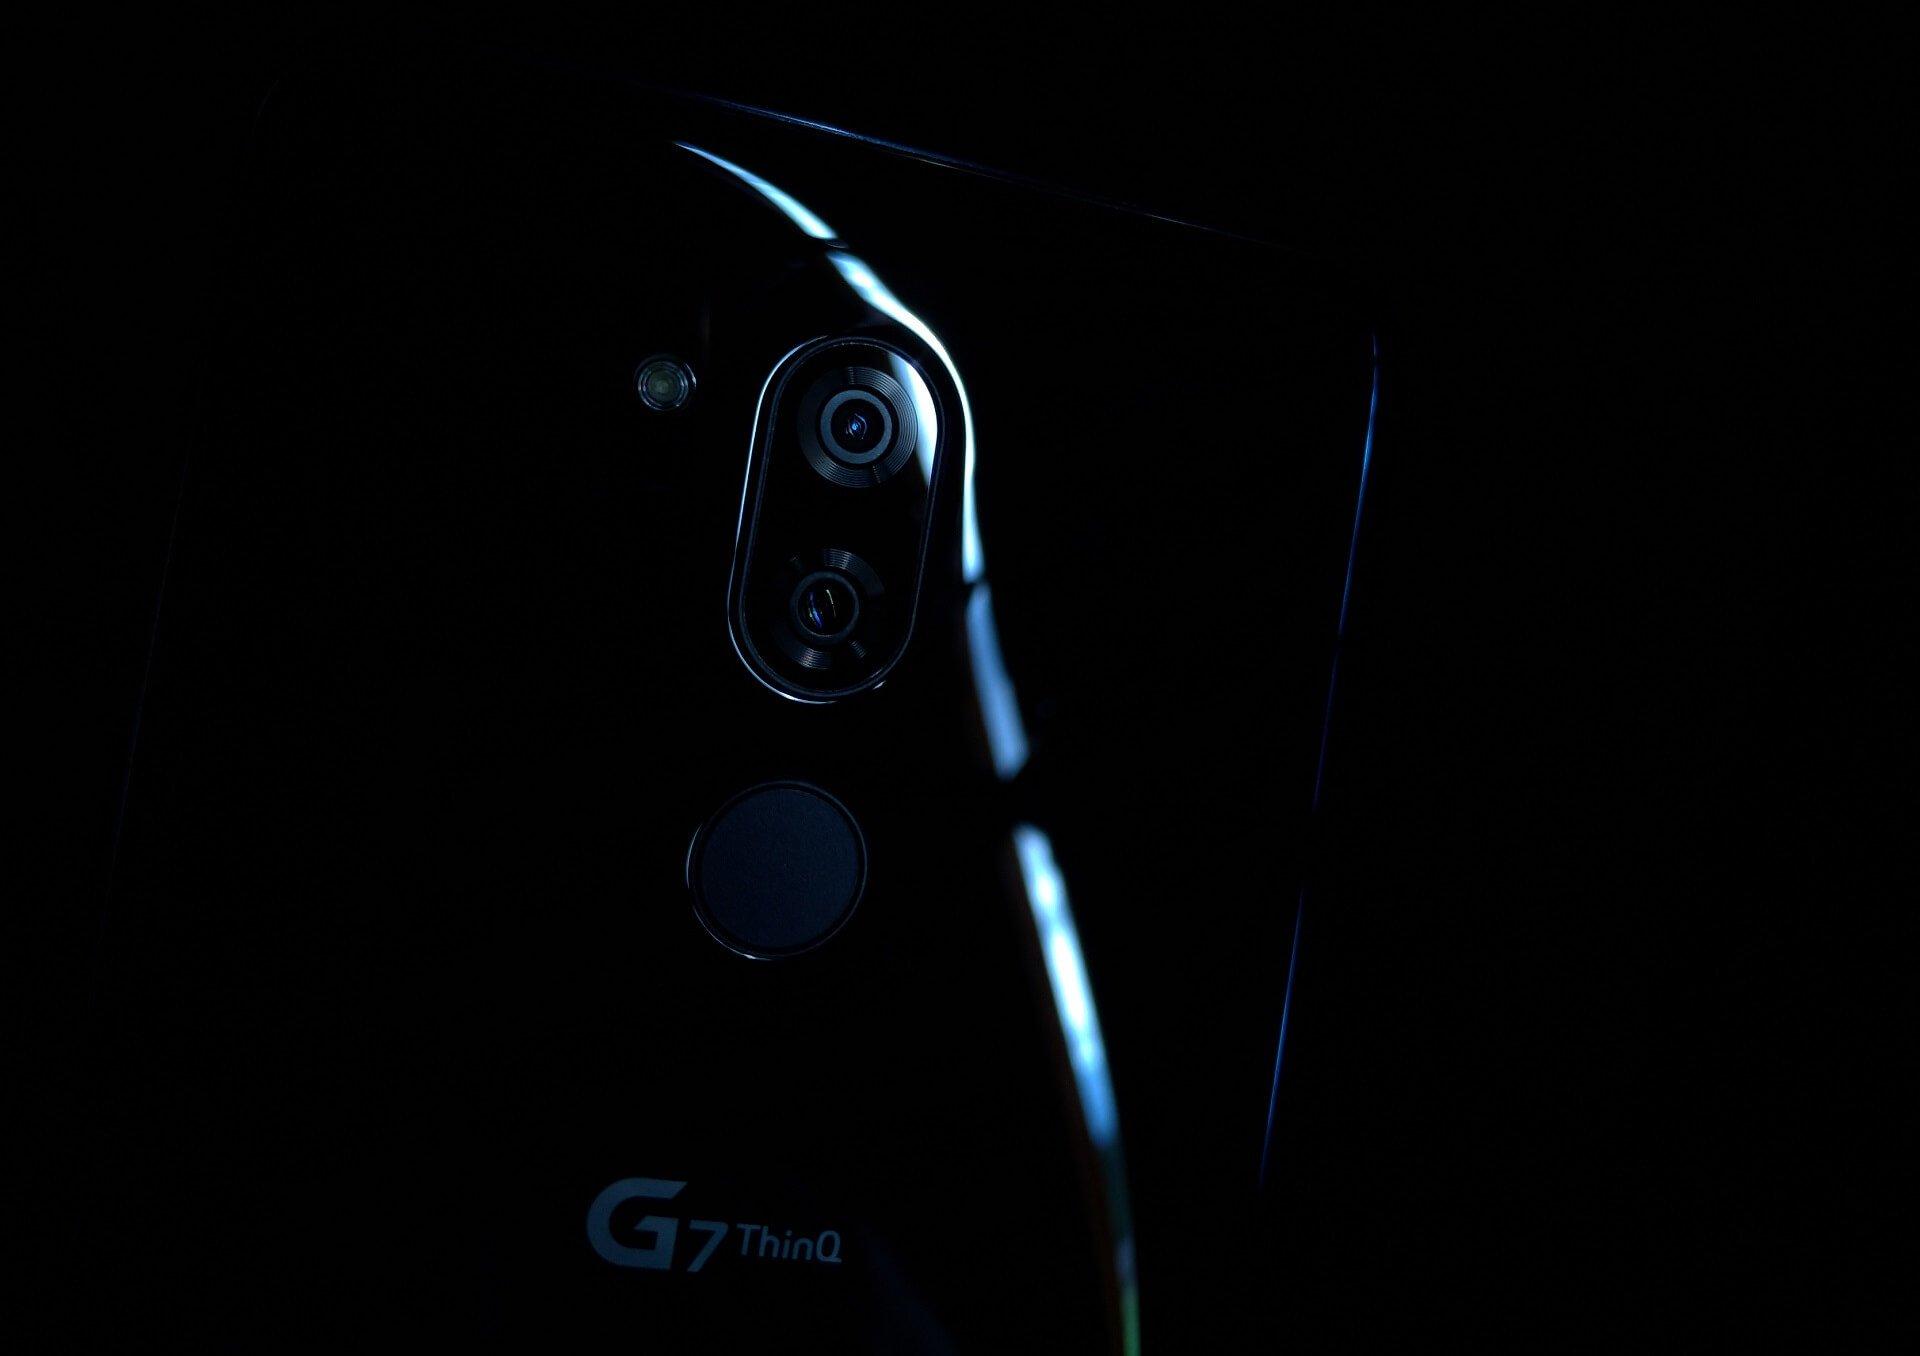 P 20181104 164250 vHDR Auto - REVIEW: LG G7 ThinQ, um smartphone racional e de ótimo custo-benefício